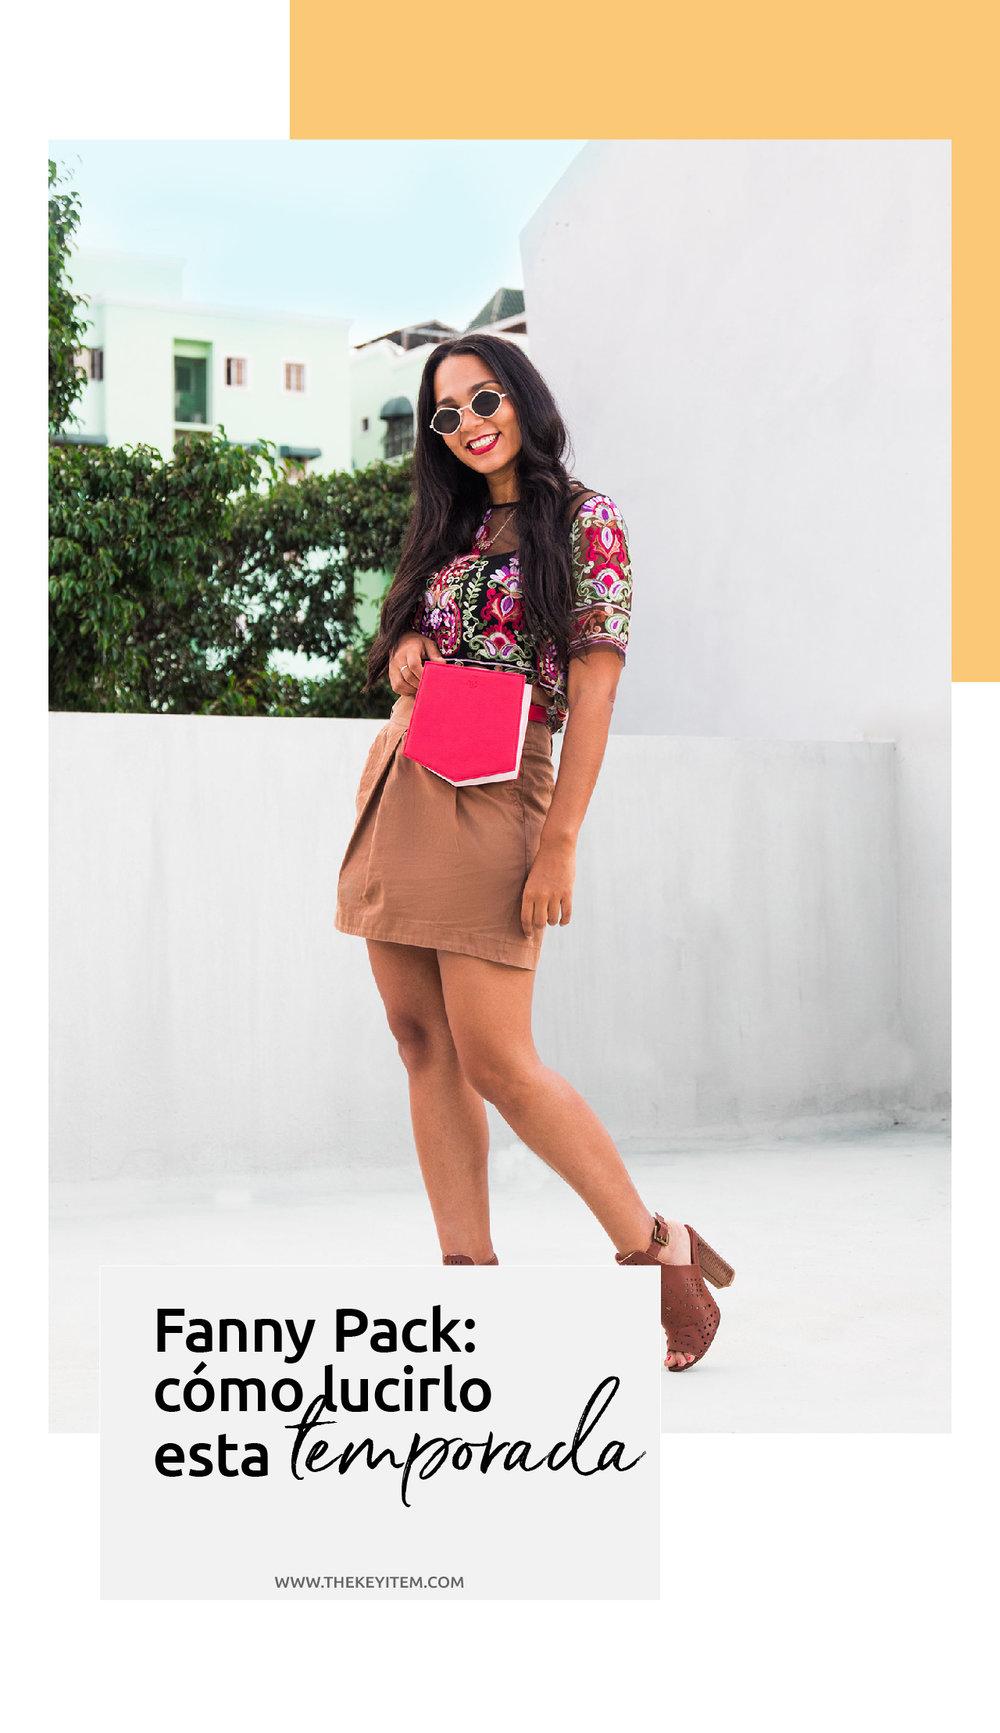 ¡Oh sí, la fanny pack están de tendencia! Esta temporada, te enseño como lucir este accesorio con tus piezas claves favoritas de una manera moderna y sofisticada.